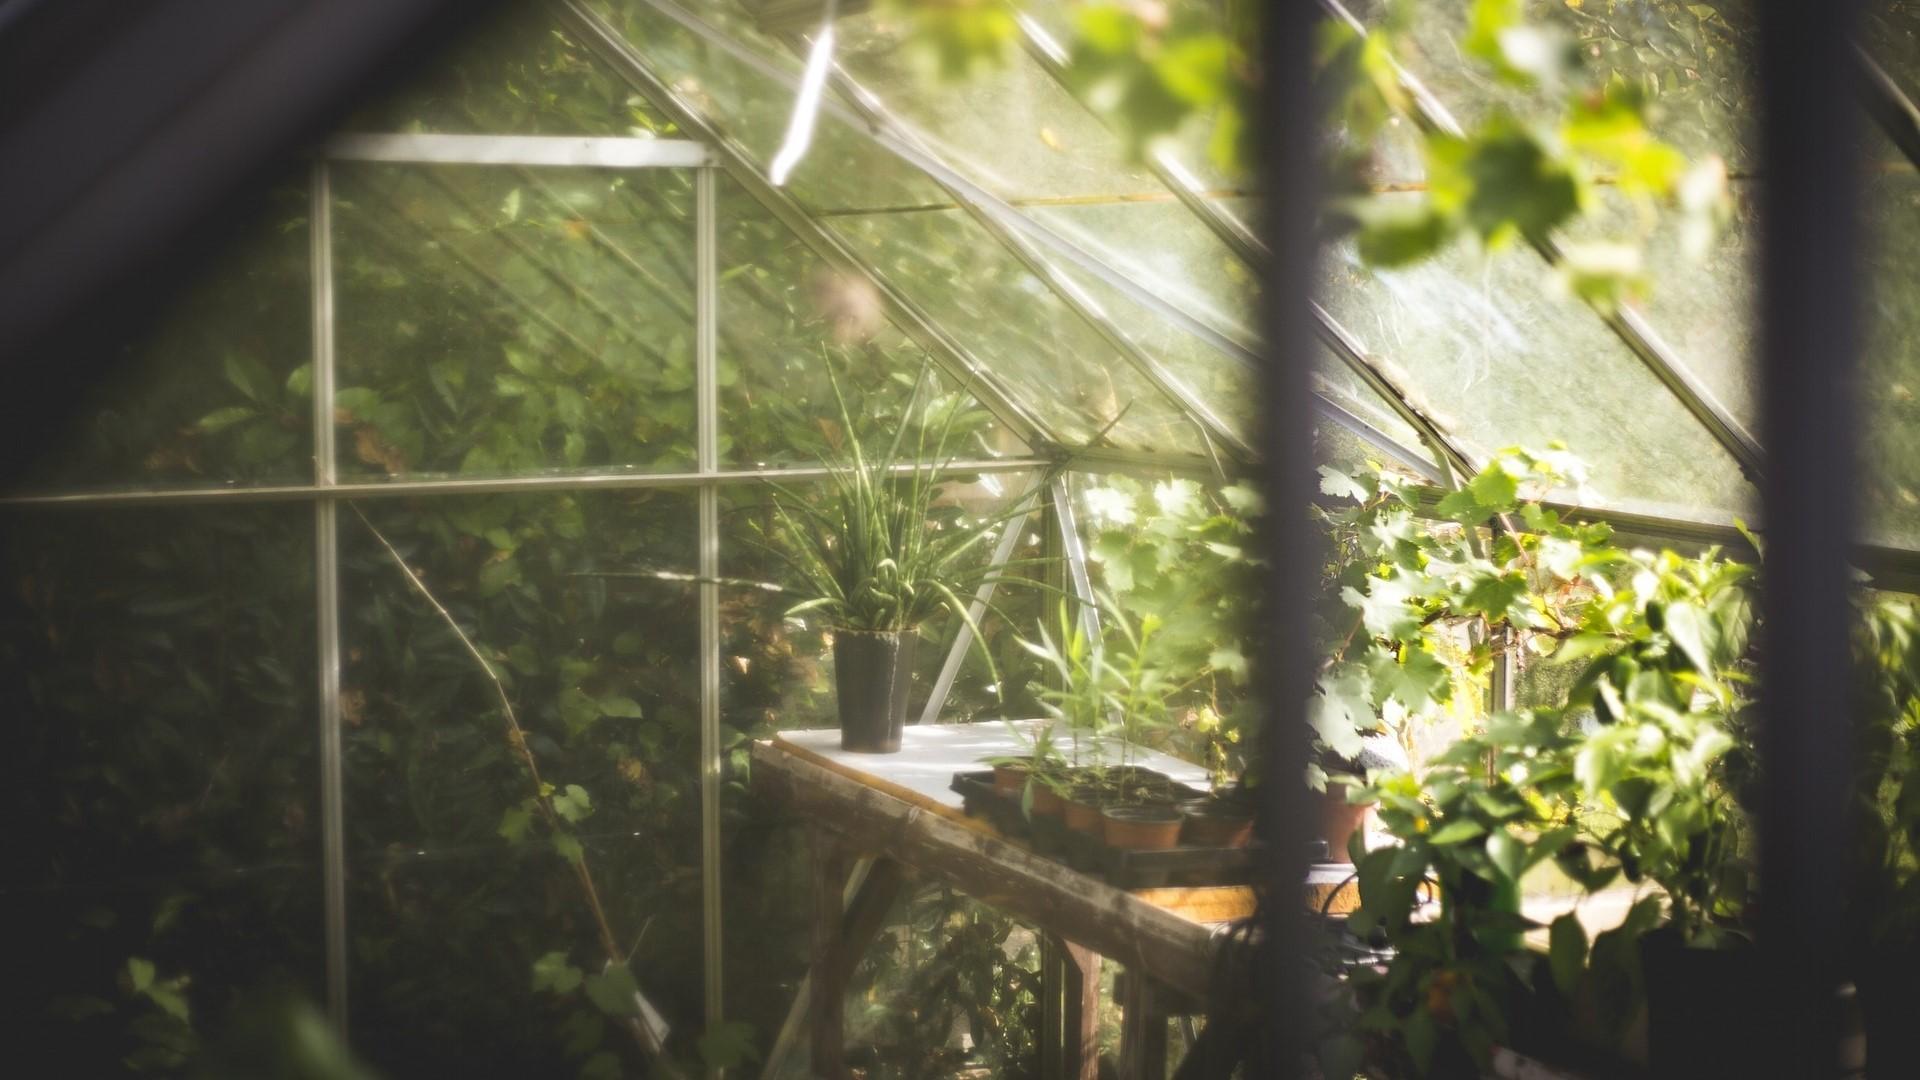 Wenn Sie Ihr Gewächshaus einrichten, sollten Sie dafür sorgen, dass Sie ideale Bedingungen für Ihre Pflanzen schaffen.